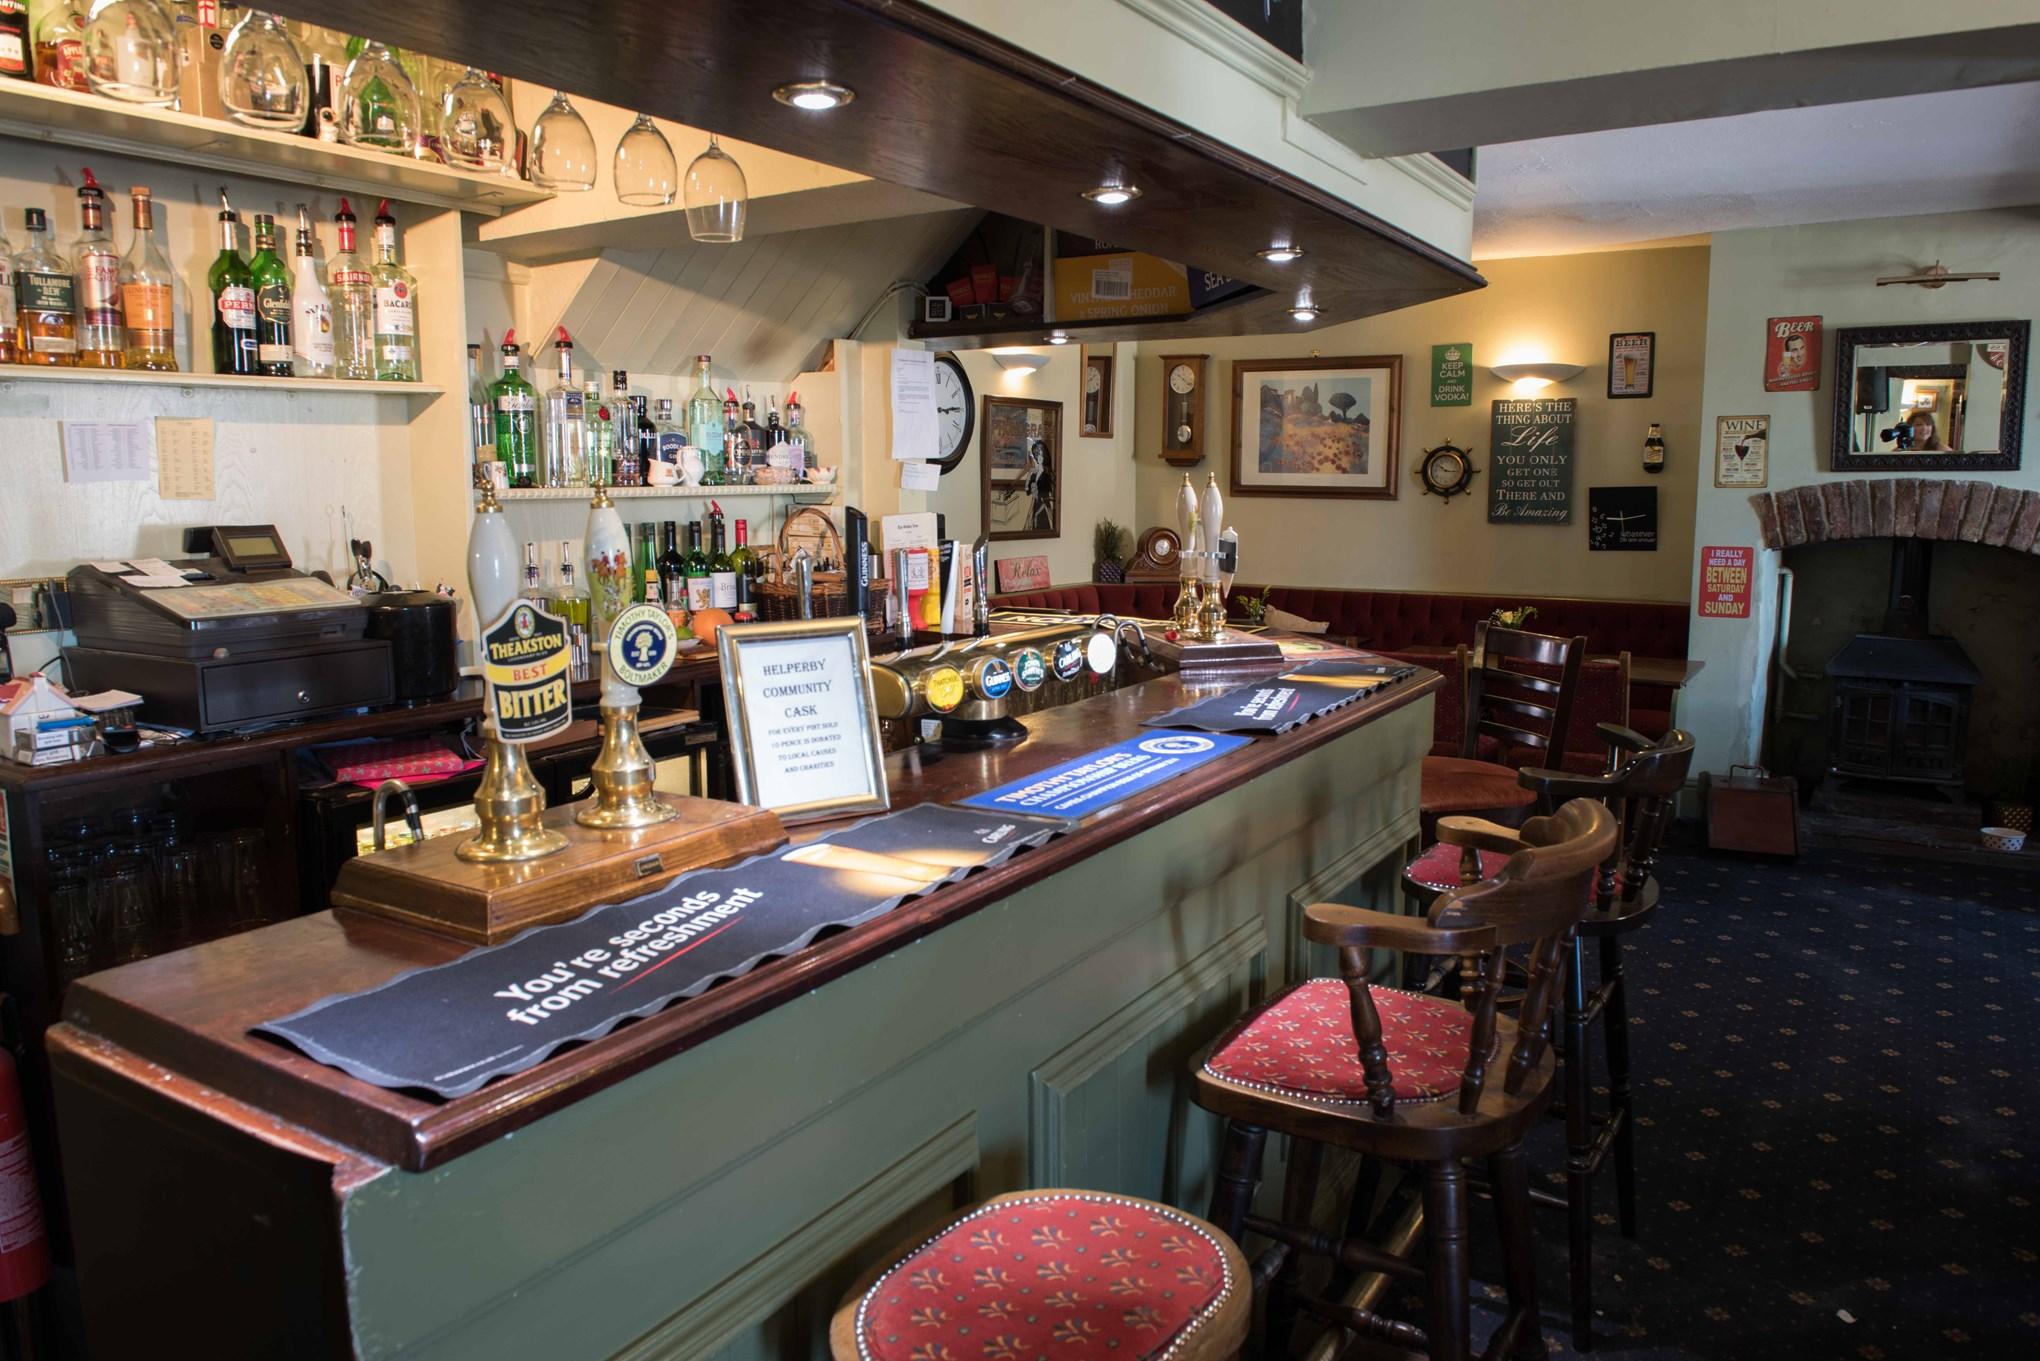 Gallery The Golden Lion Inn York